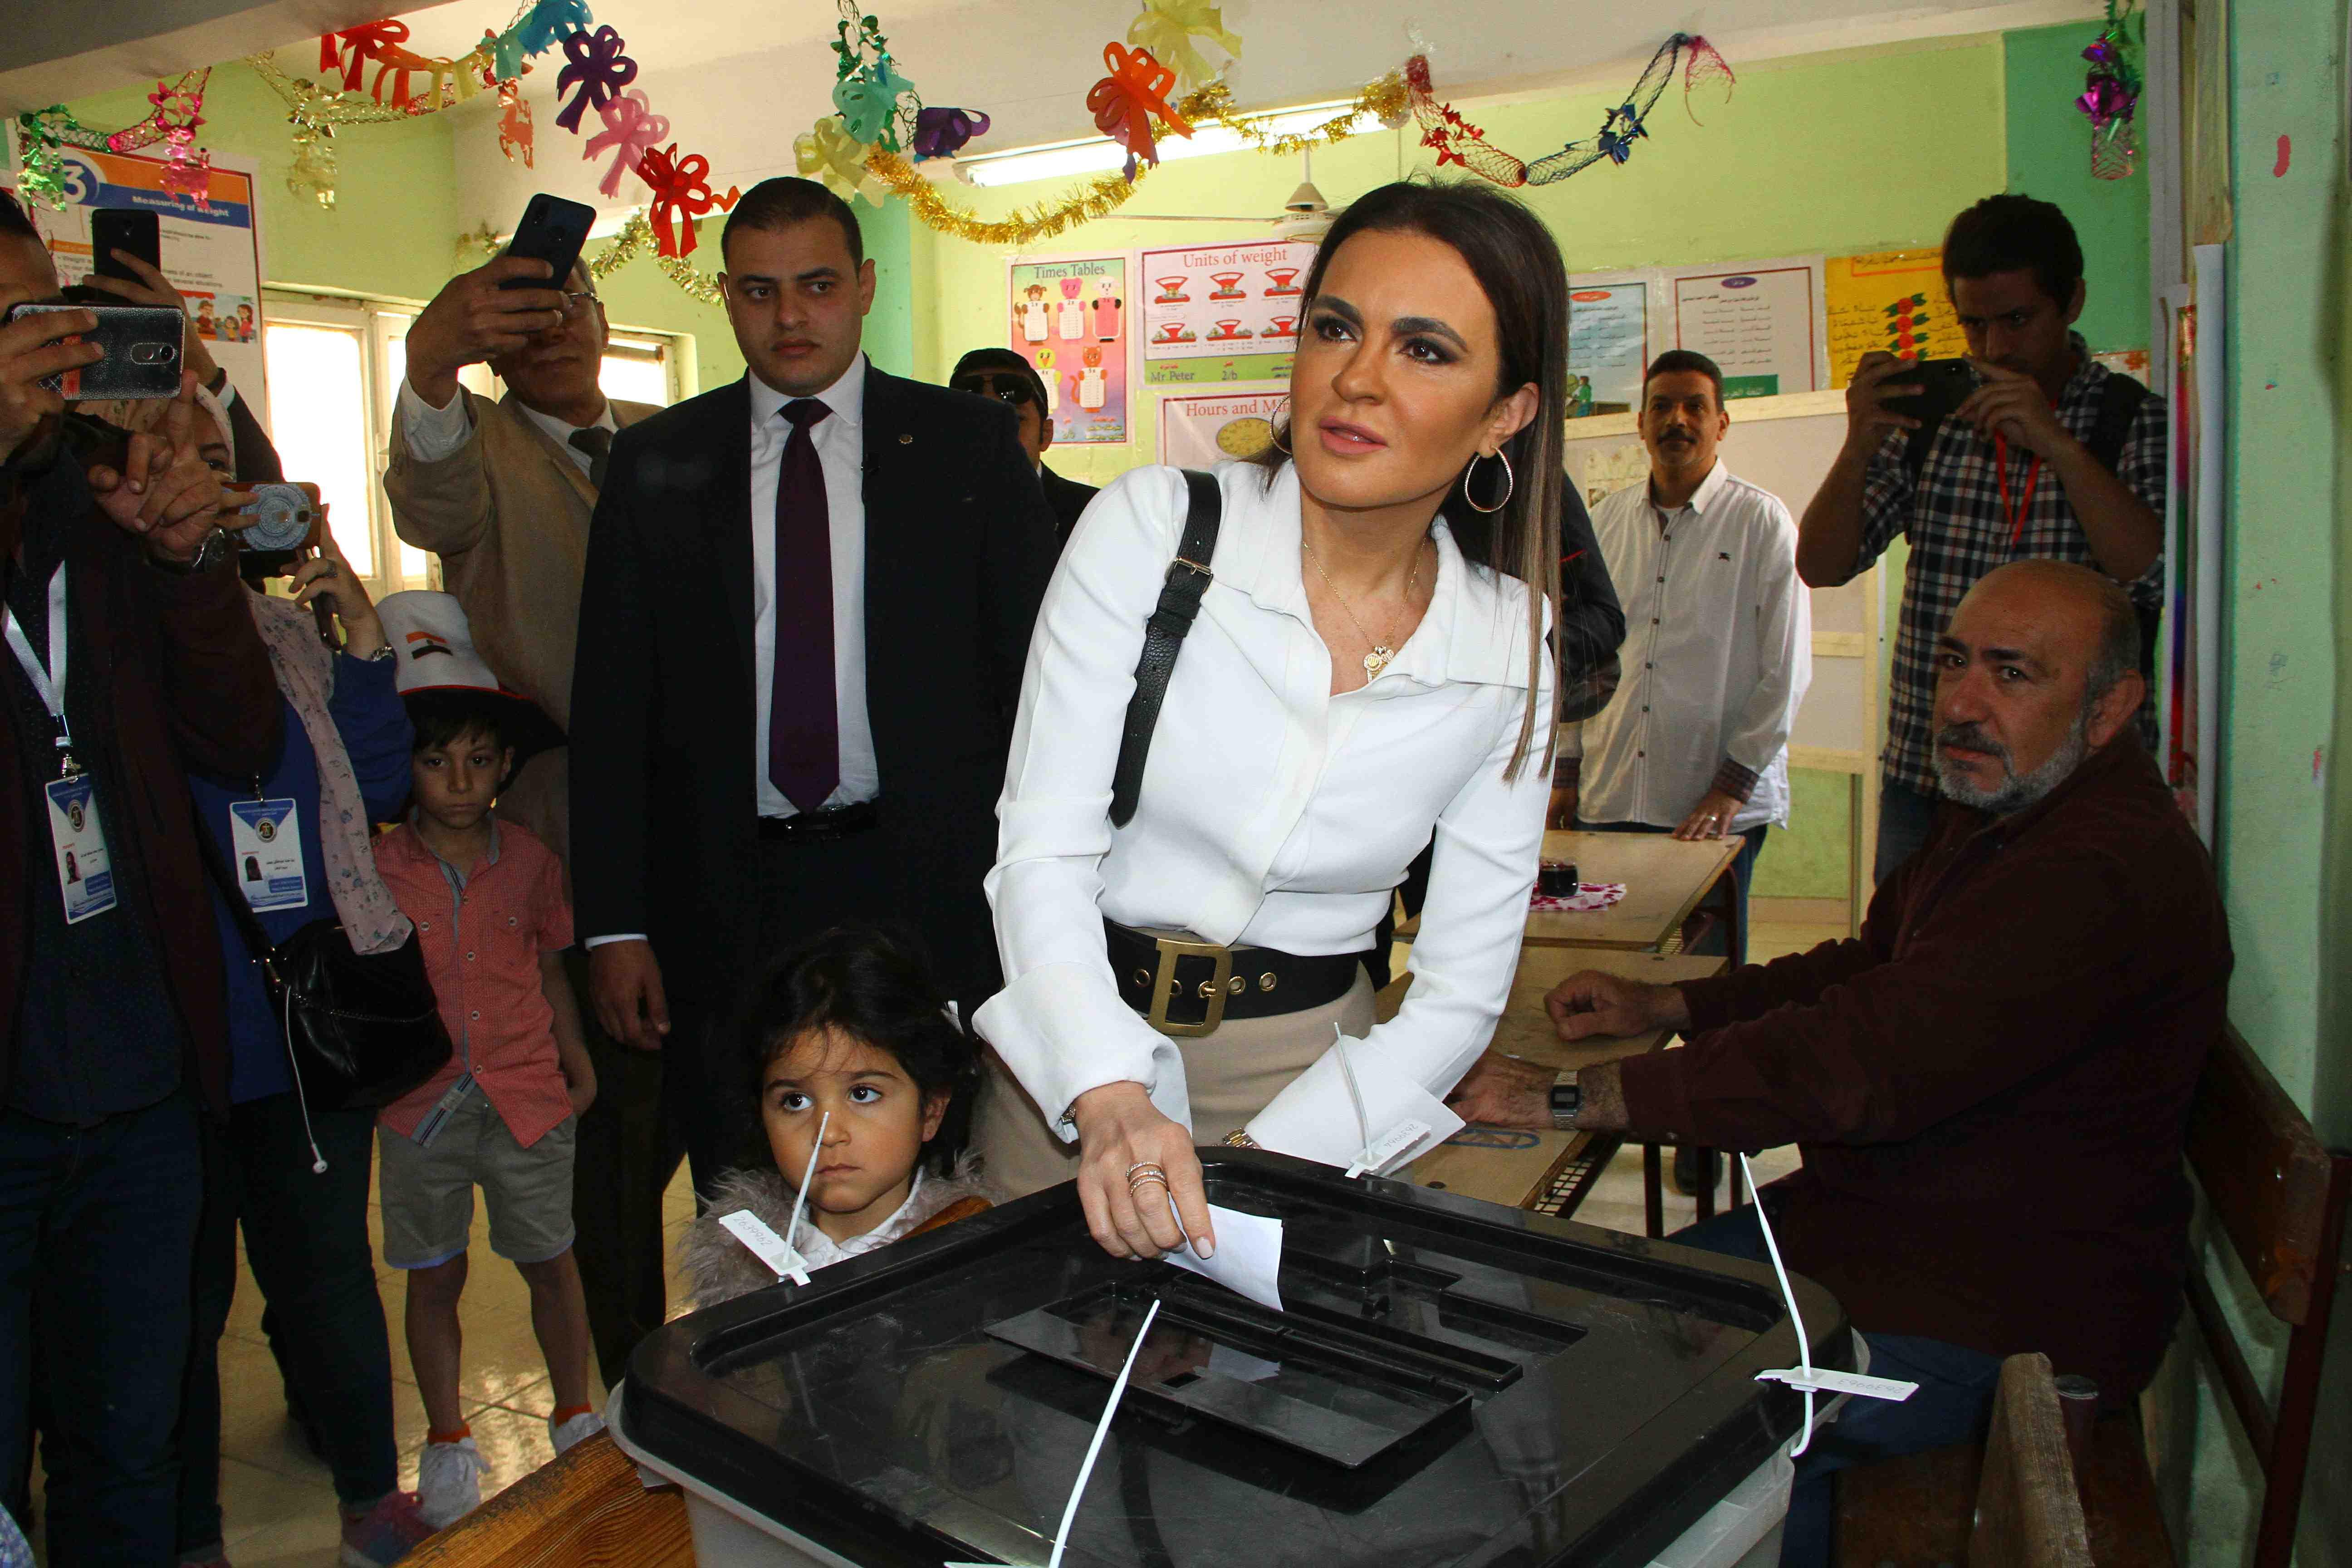 وزيرة الاستثمار تصطحب حفيدتها فى التصويت على التعديلات الدستورية0